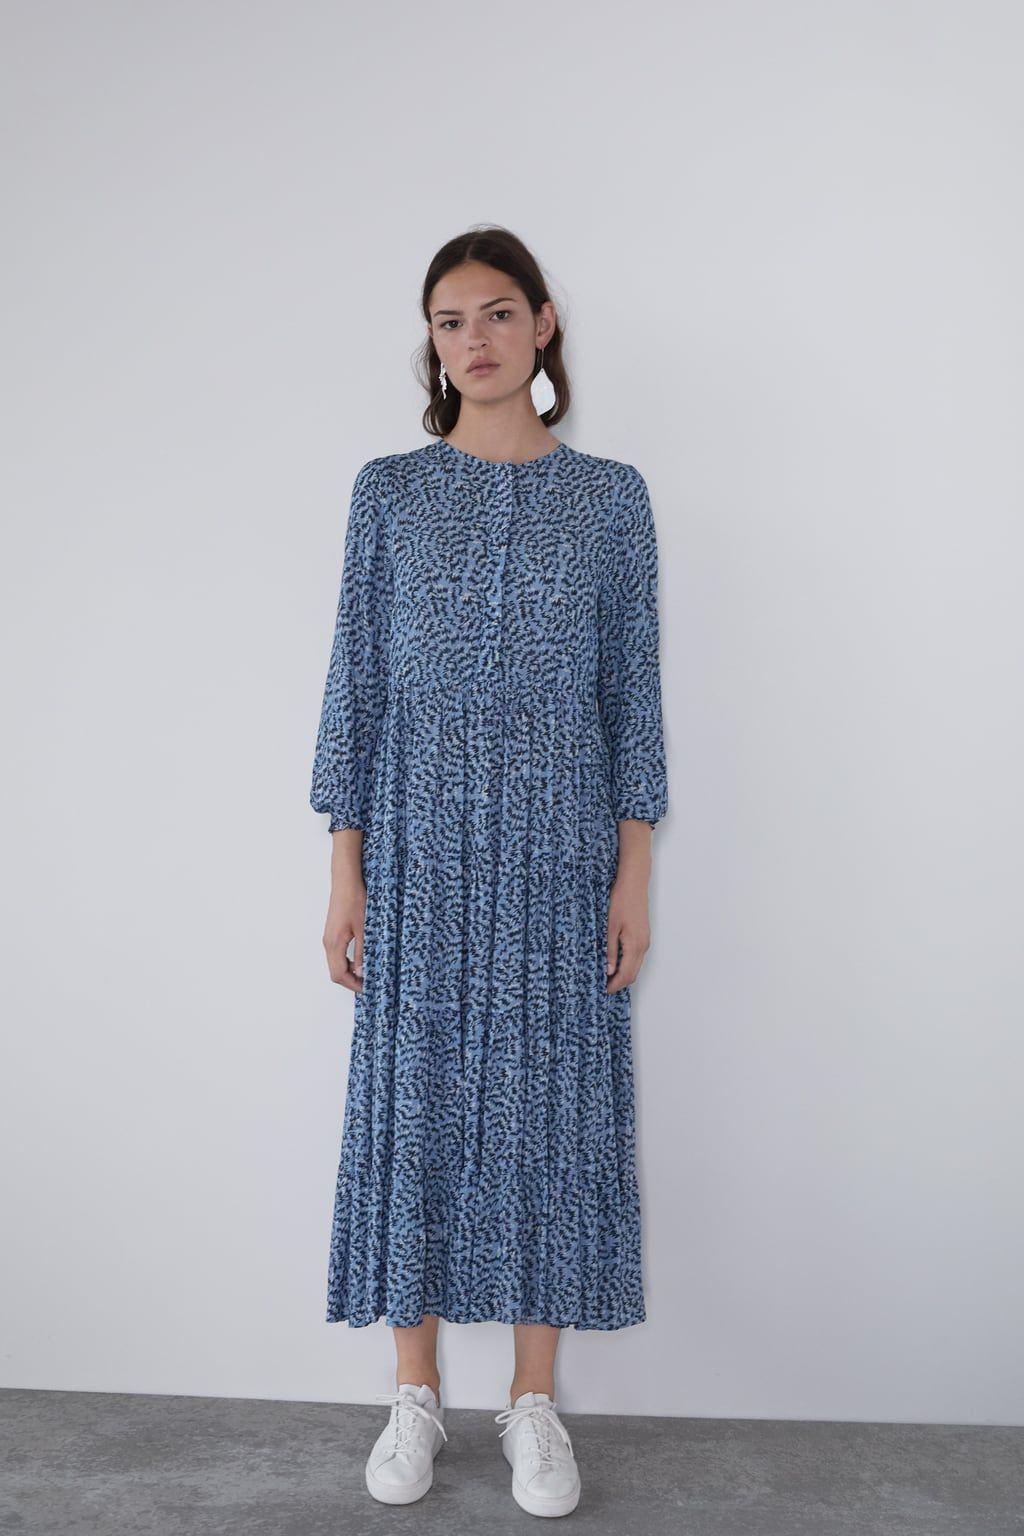 Vestido Largo Estampado In 2020 Lange Kleider Kleider Damen Zara Kleider